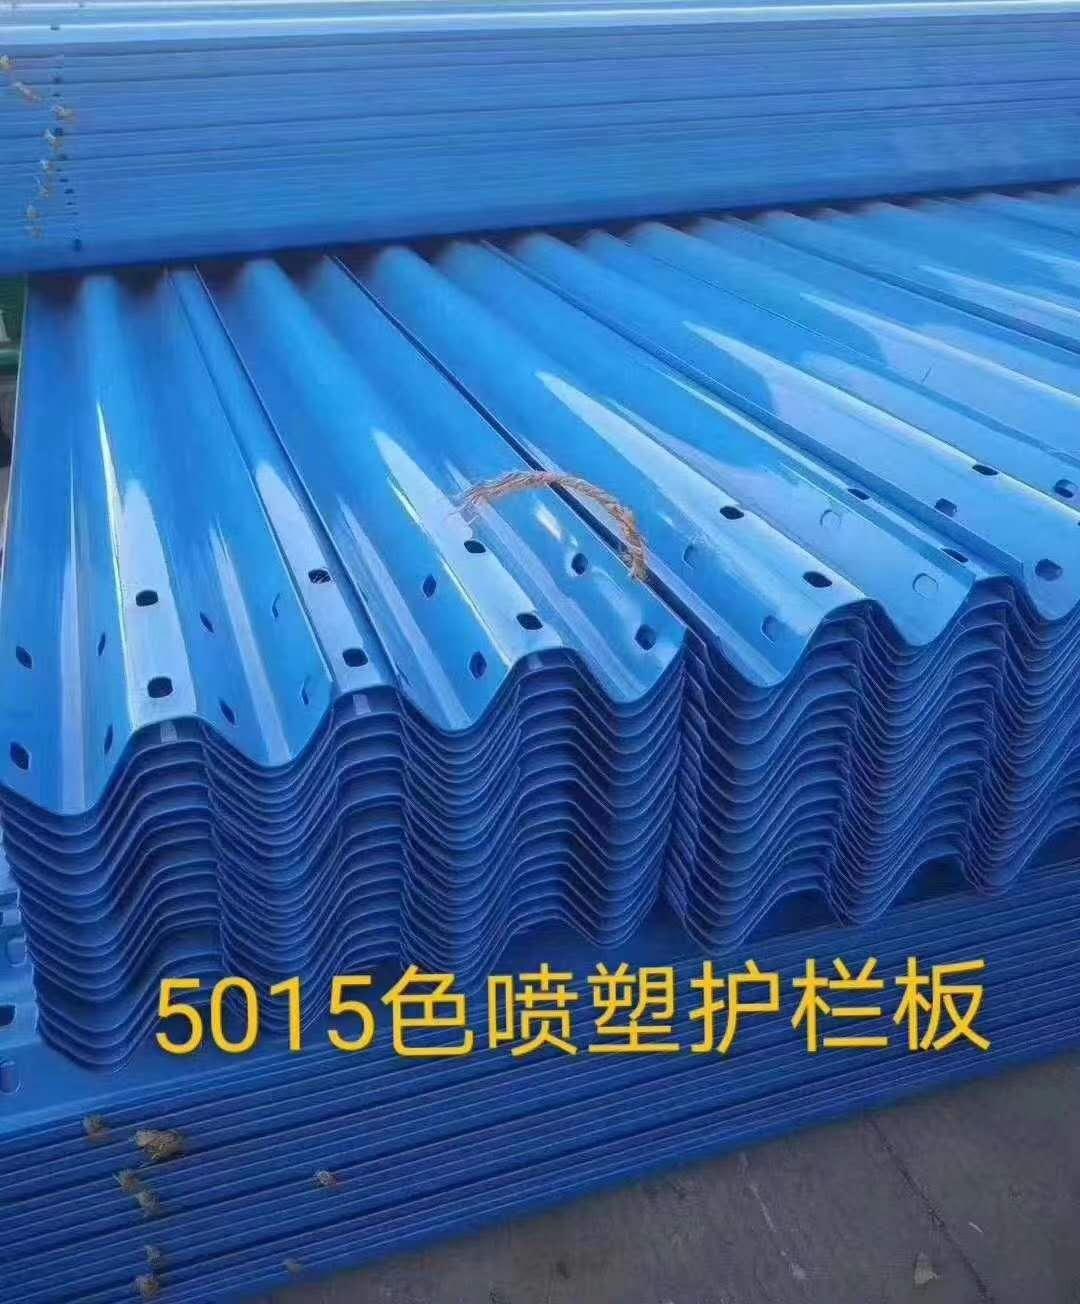 安庆市宜秀区波形护栏多少钱一米